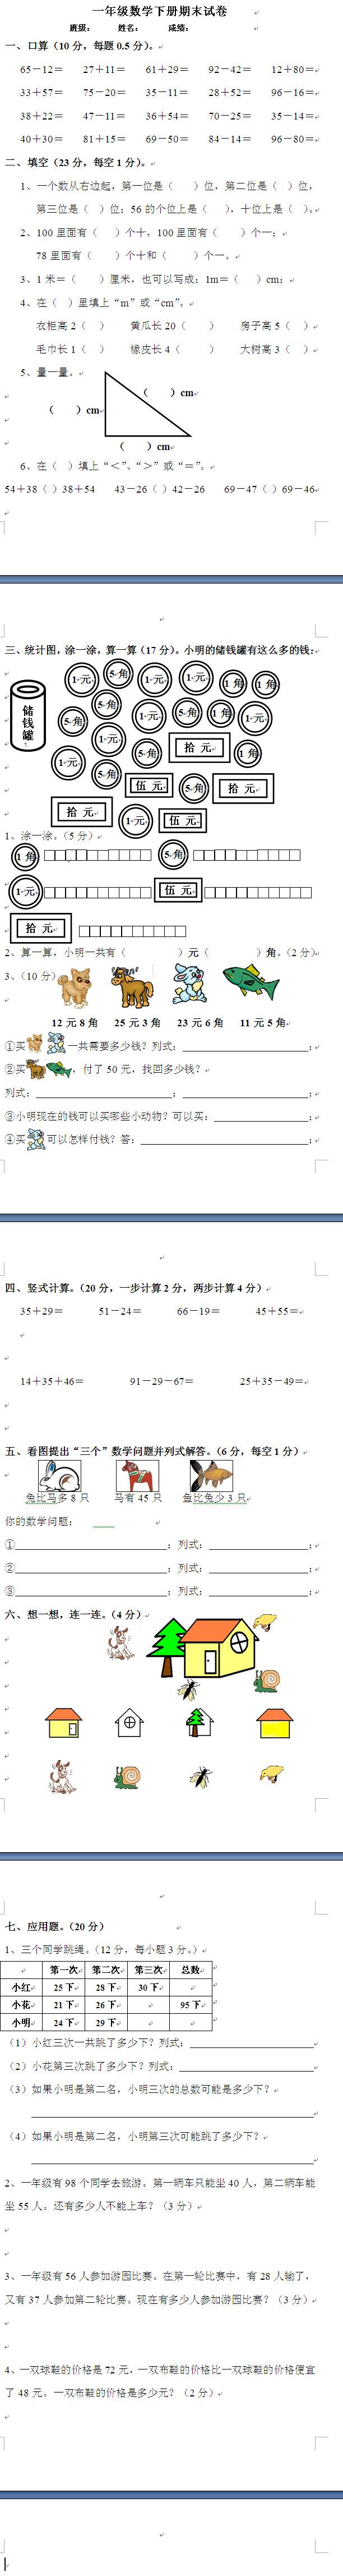 小学一年级数学(第二册)期终考试试题